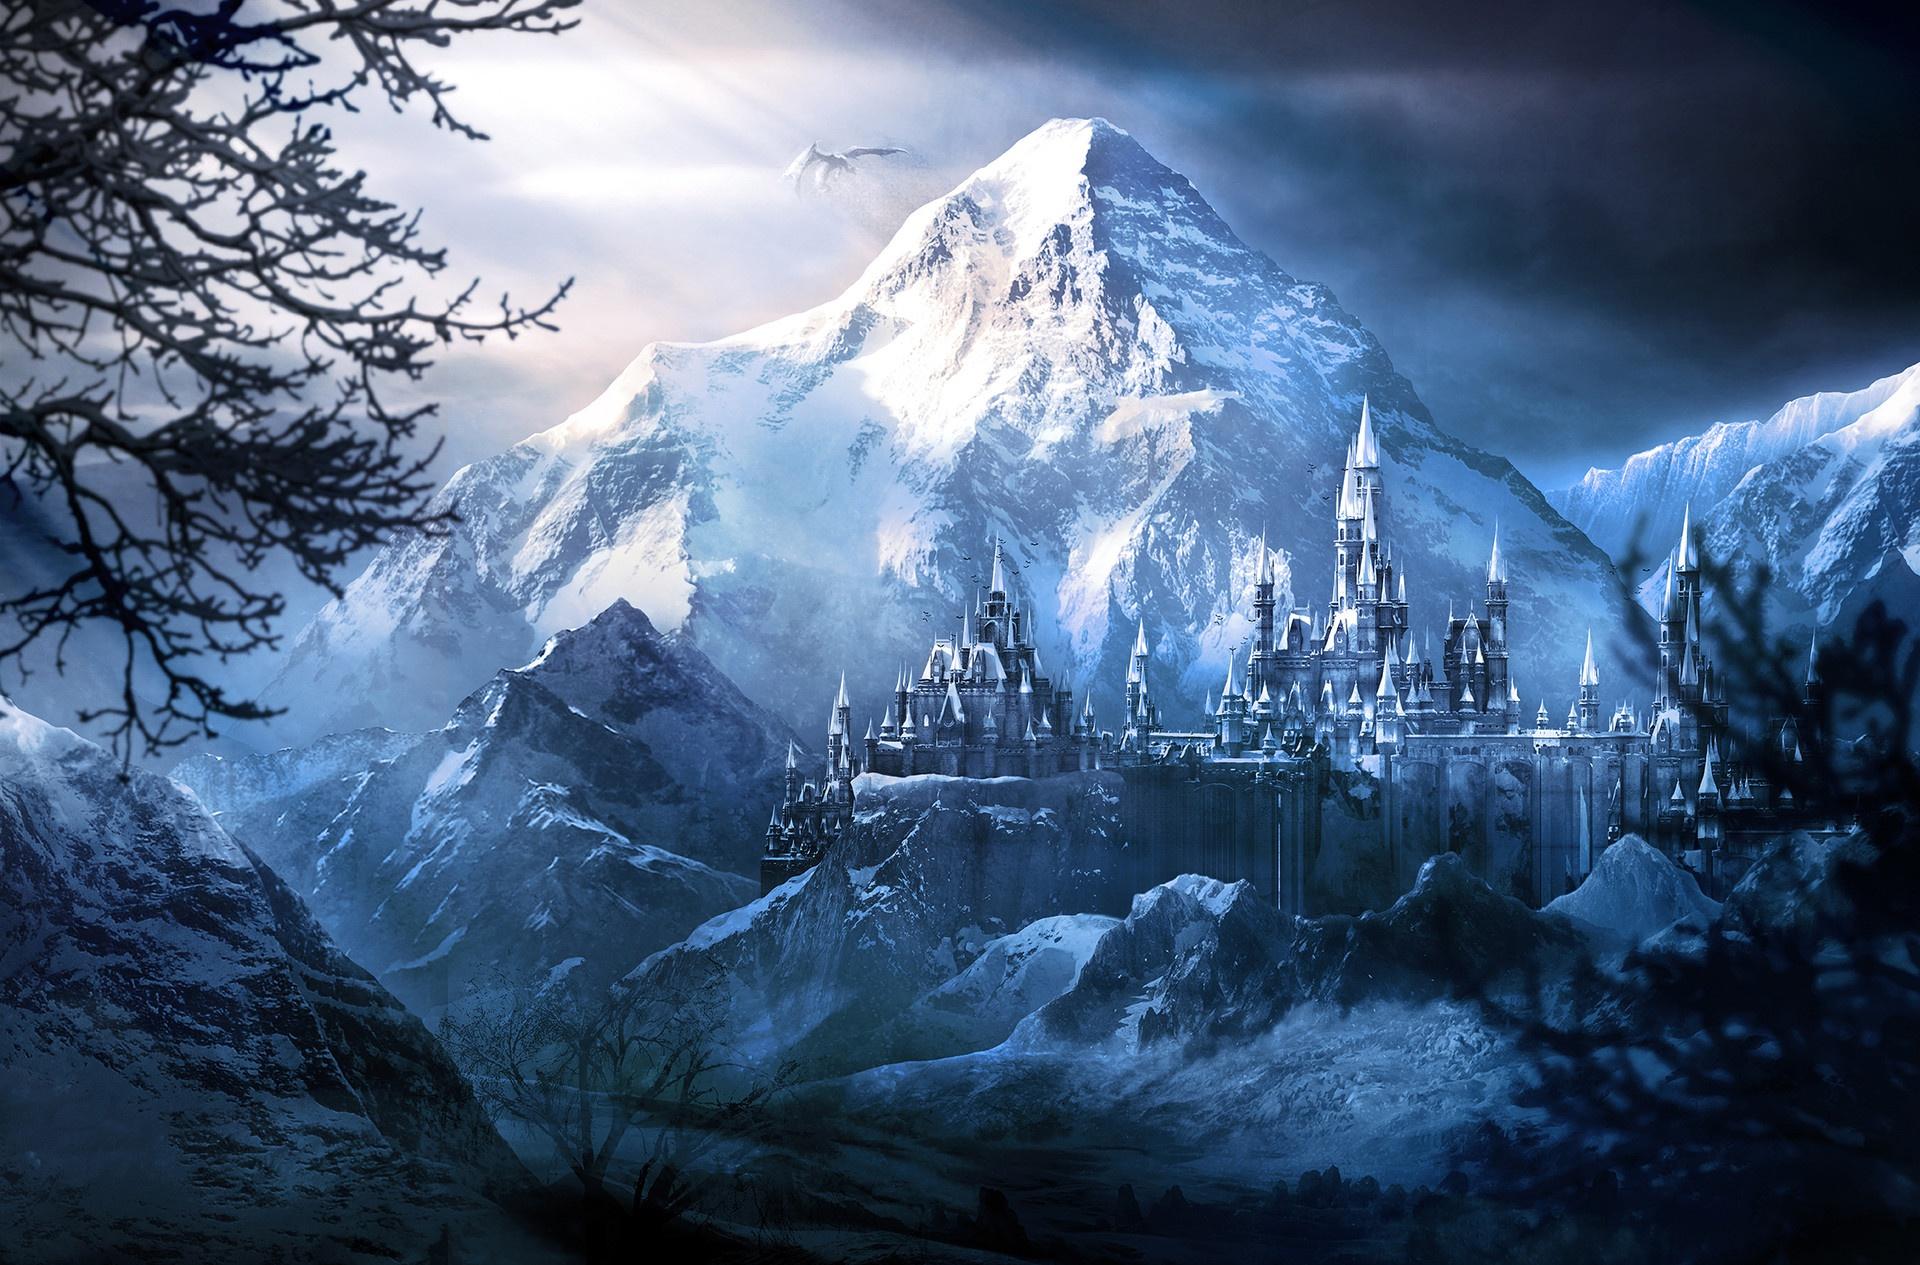 картинки зима фантастика тон